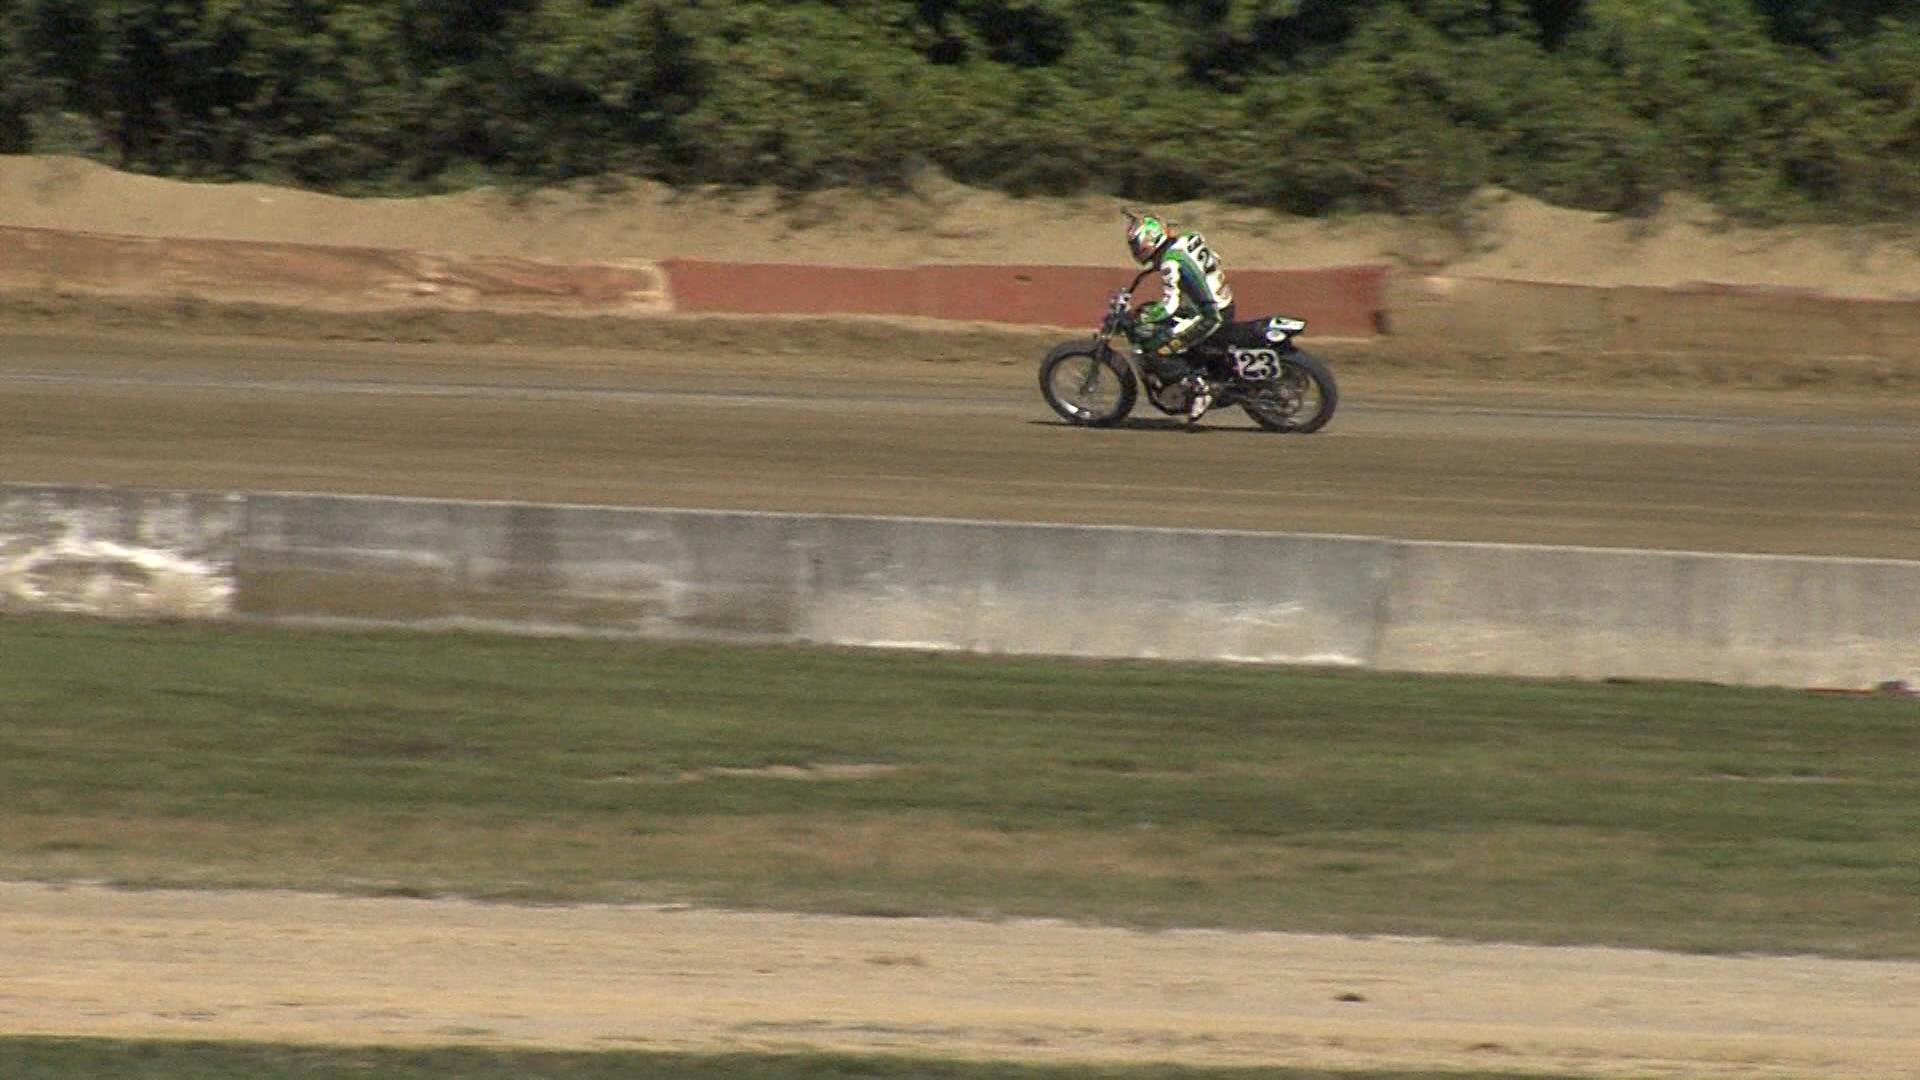 AMA Pro Series Invades Delmar International Speedway